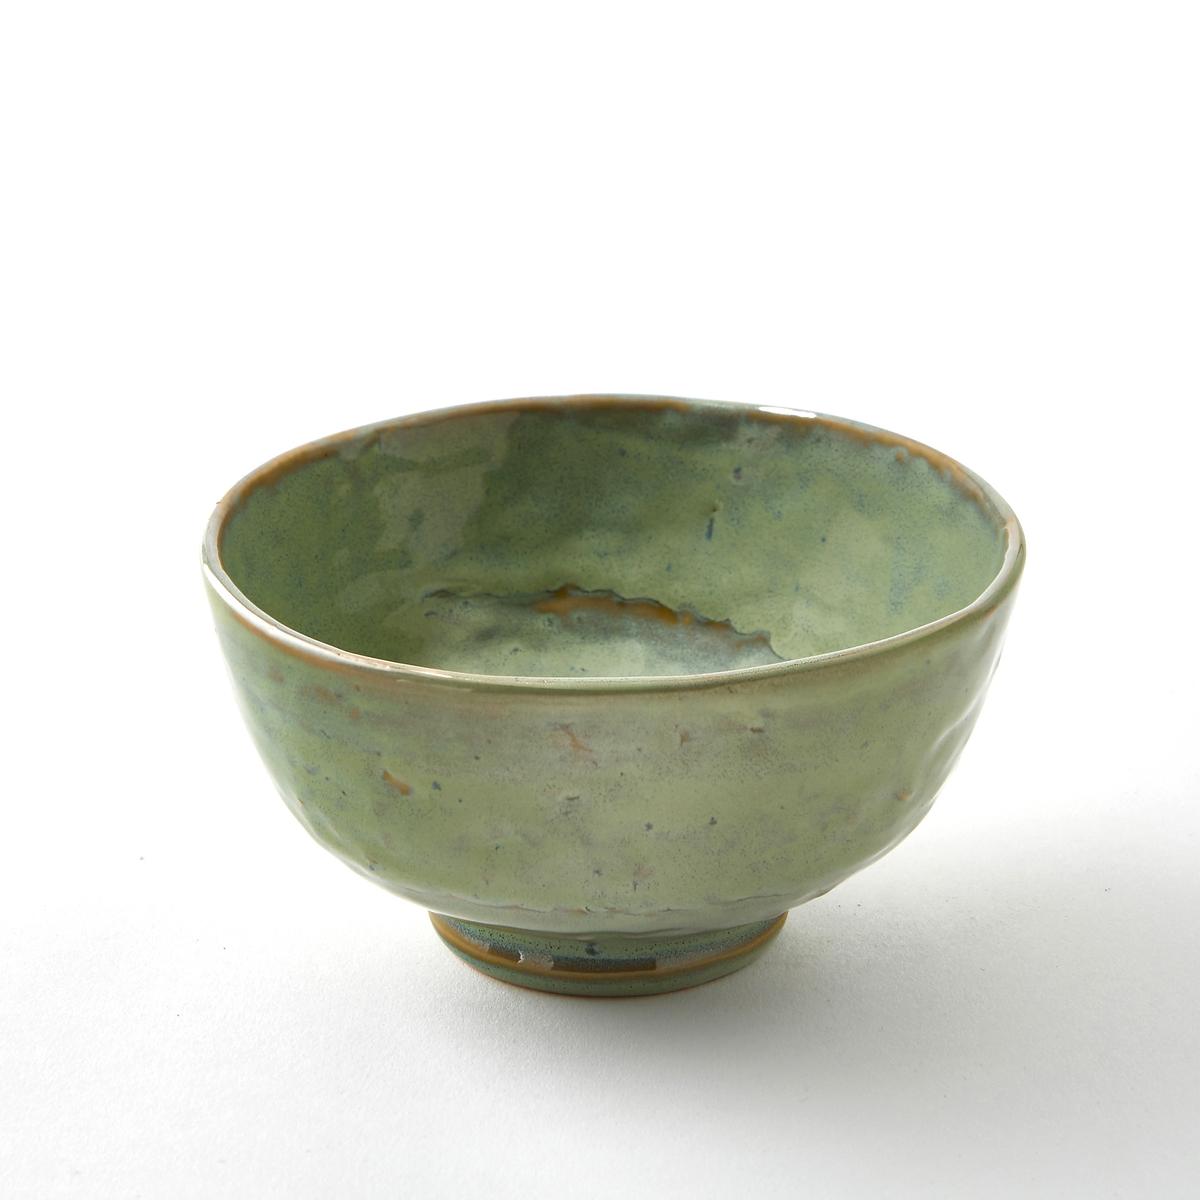 Миска из керамики Pure, дизайн П. Нессенс, SeraxХарактеристики :- Из керамики, покрытой глазурью. - Можно использовать в посудомоечных машинах и микроволновых печах. - Салатница того же набора представлена на нашем сайте.Размеры :- диаметр 14,5 x высота 7,3 см.<br><br>Цвет: зеленый/темно-зеленый